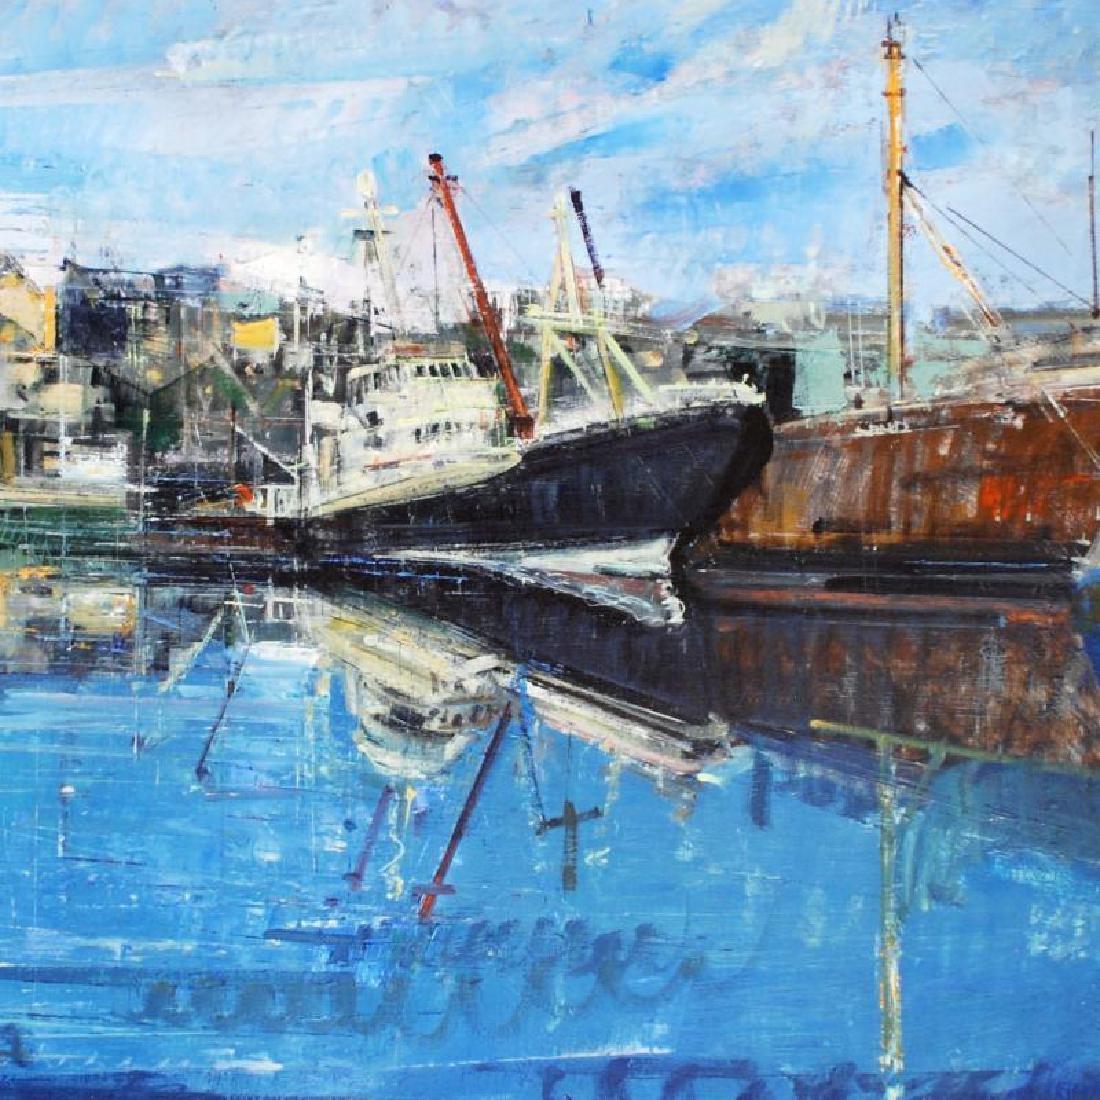 Penzance Harbor by Zwarenstein, Alex - 2